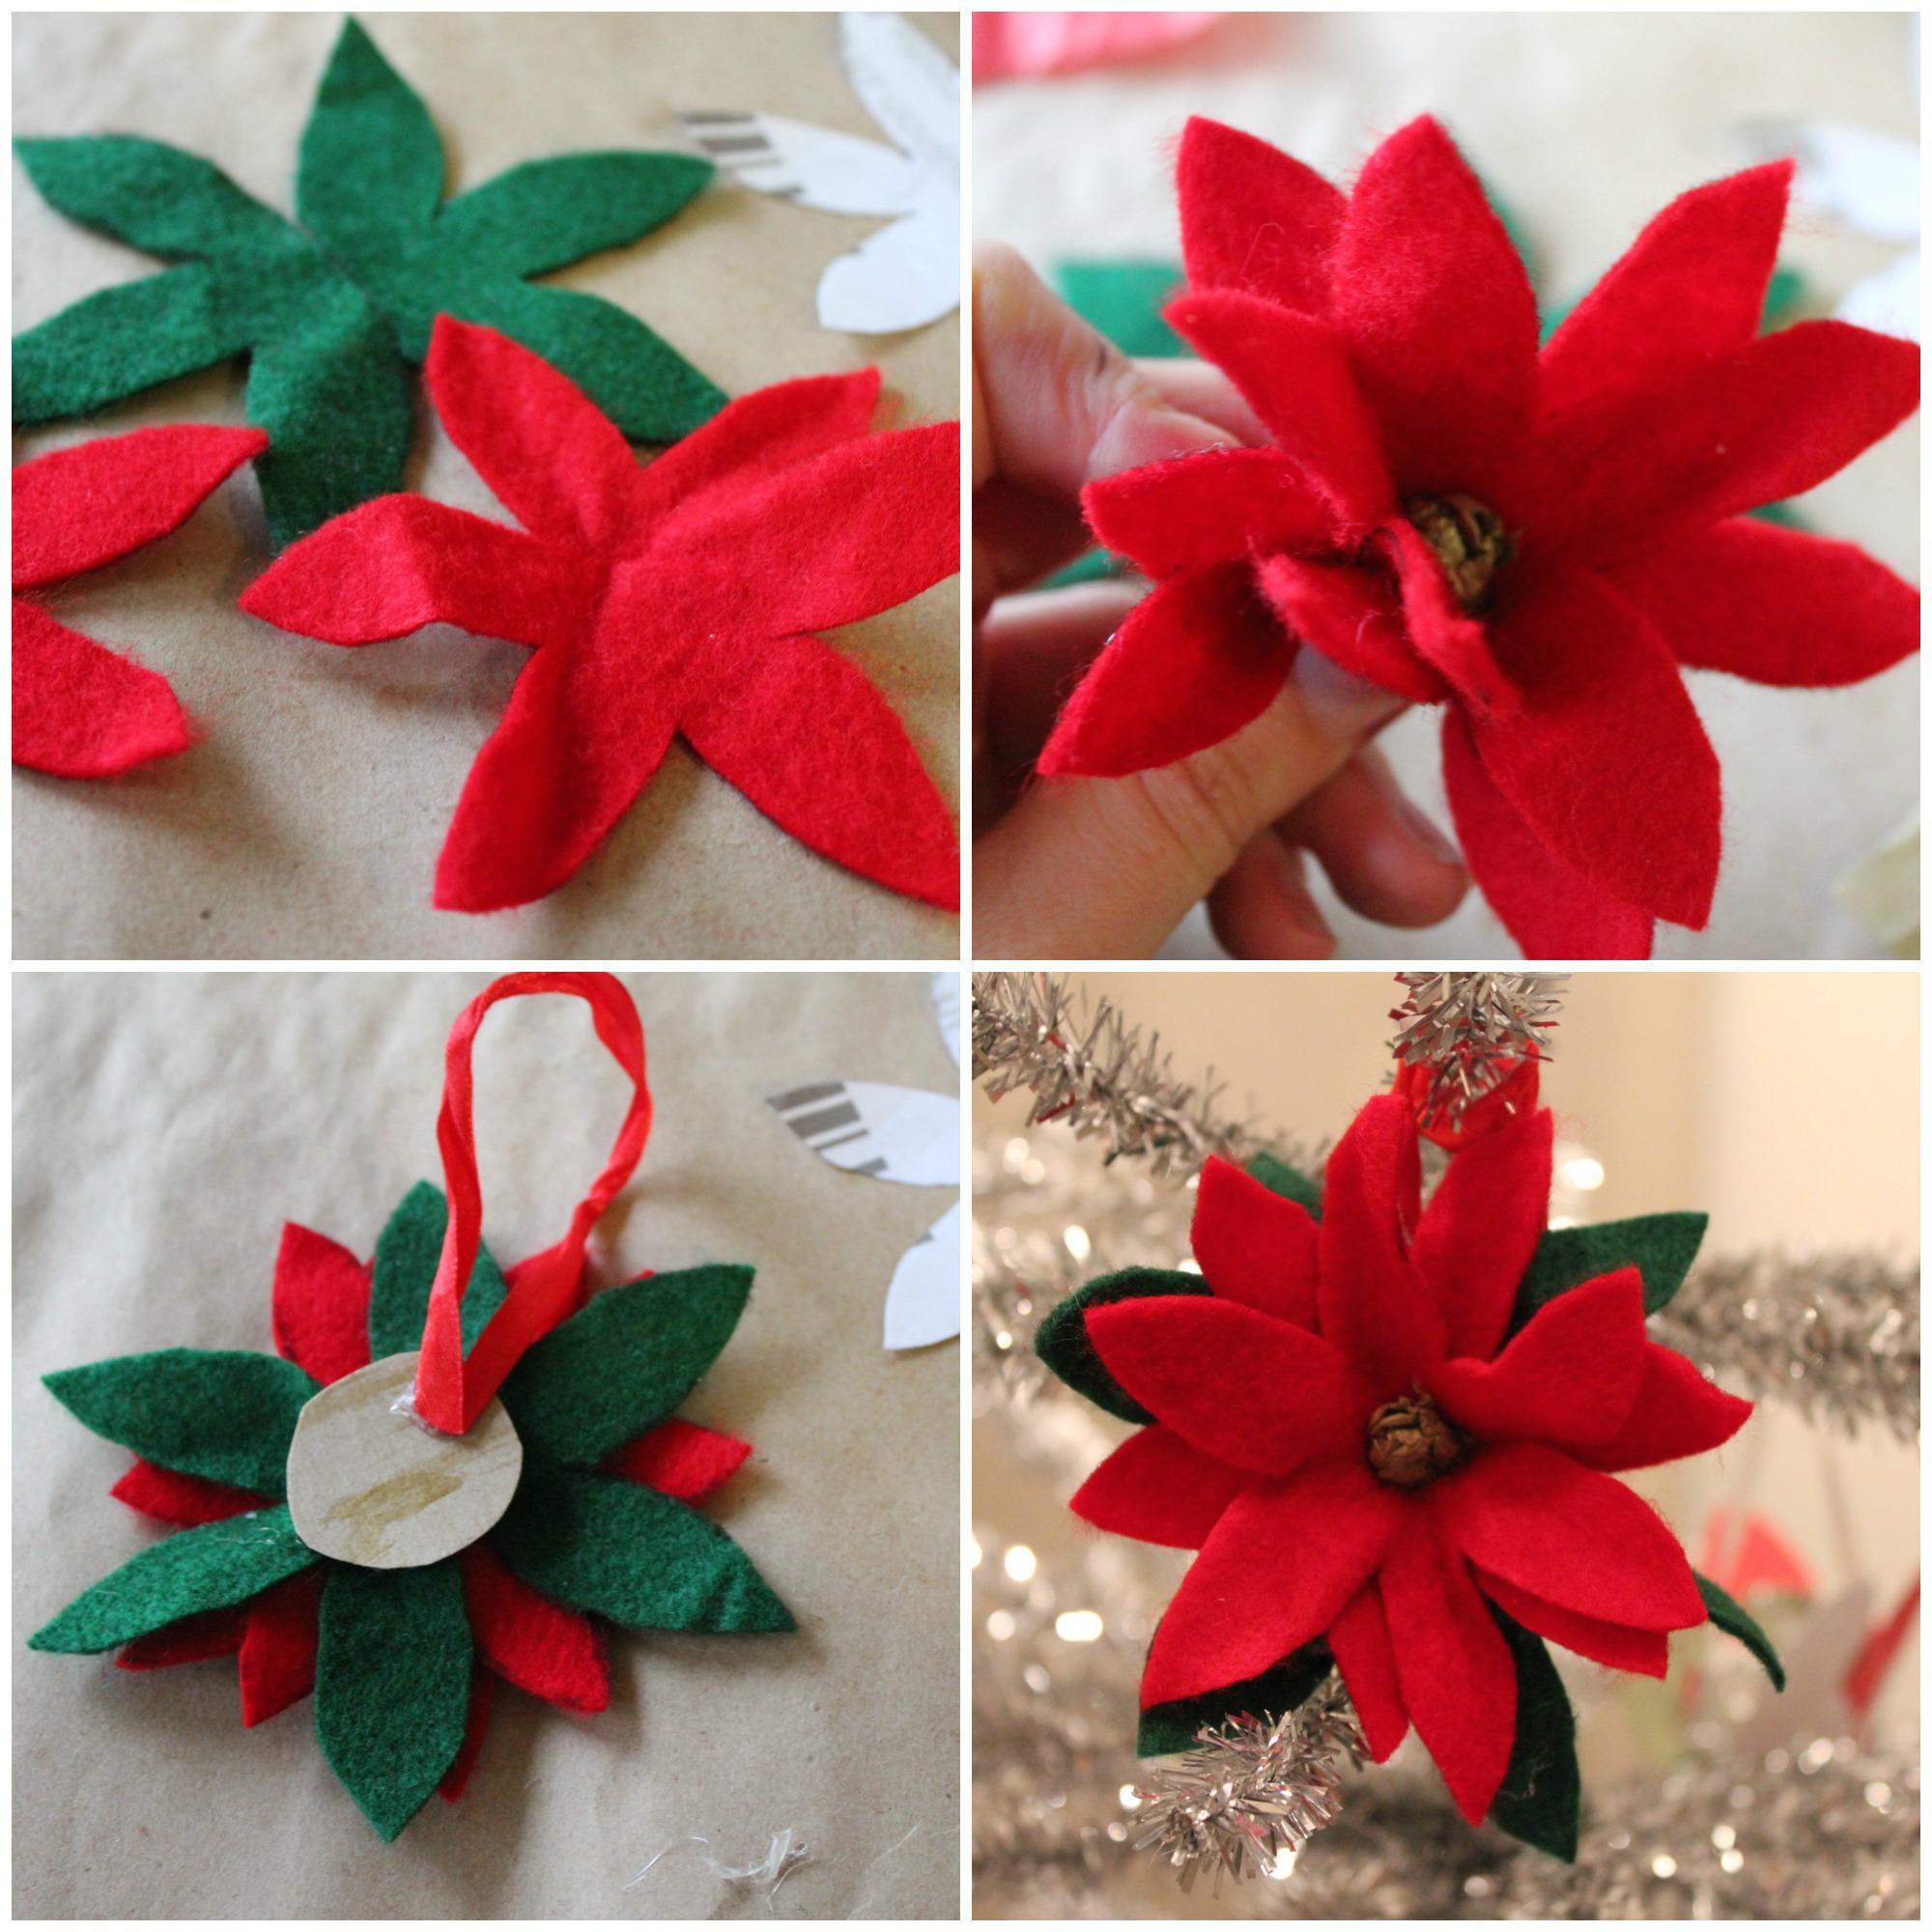 Poinsetta ornament collage